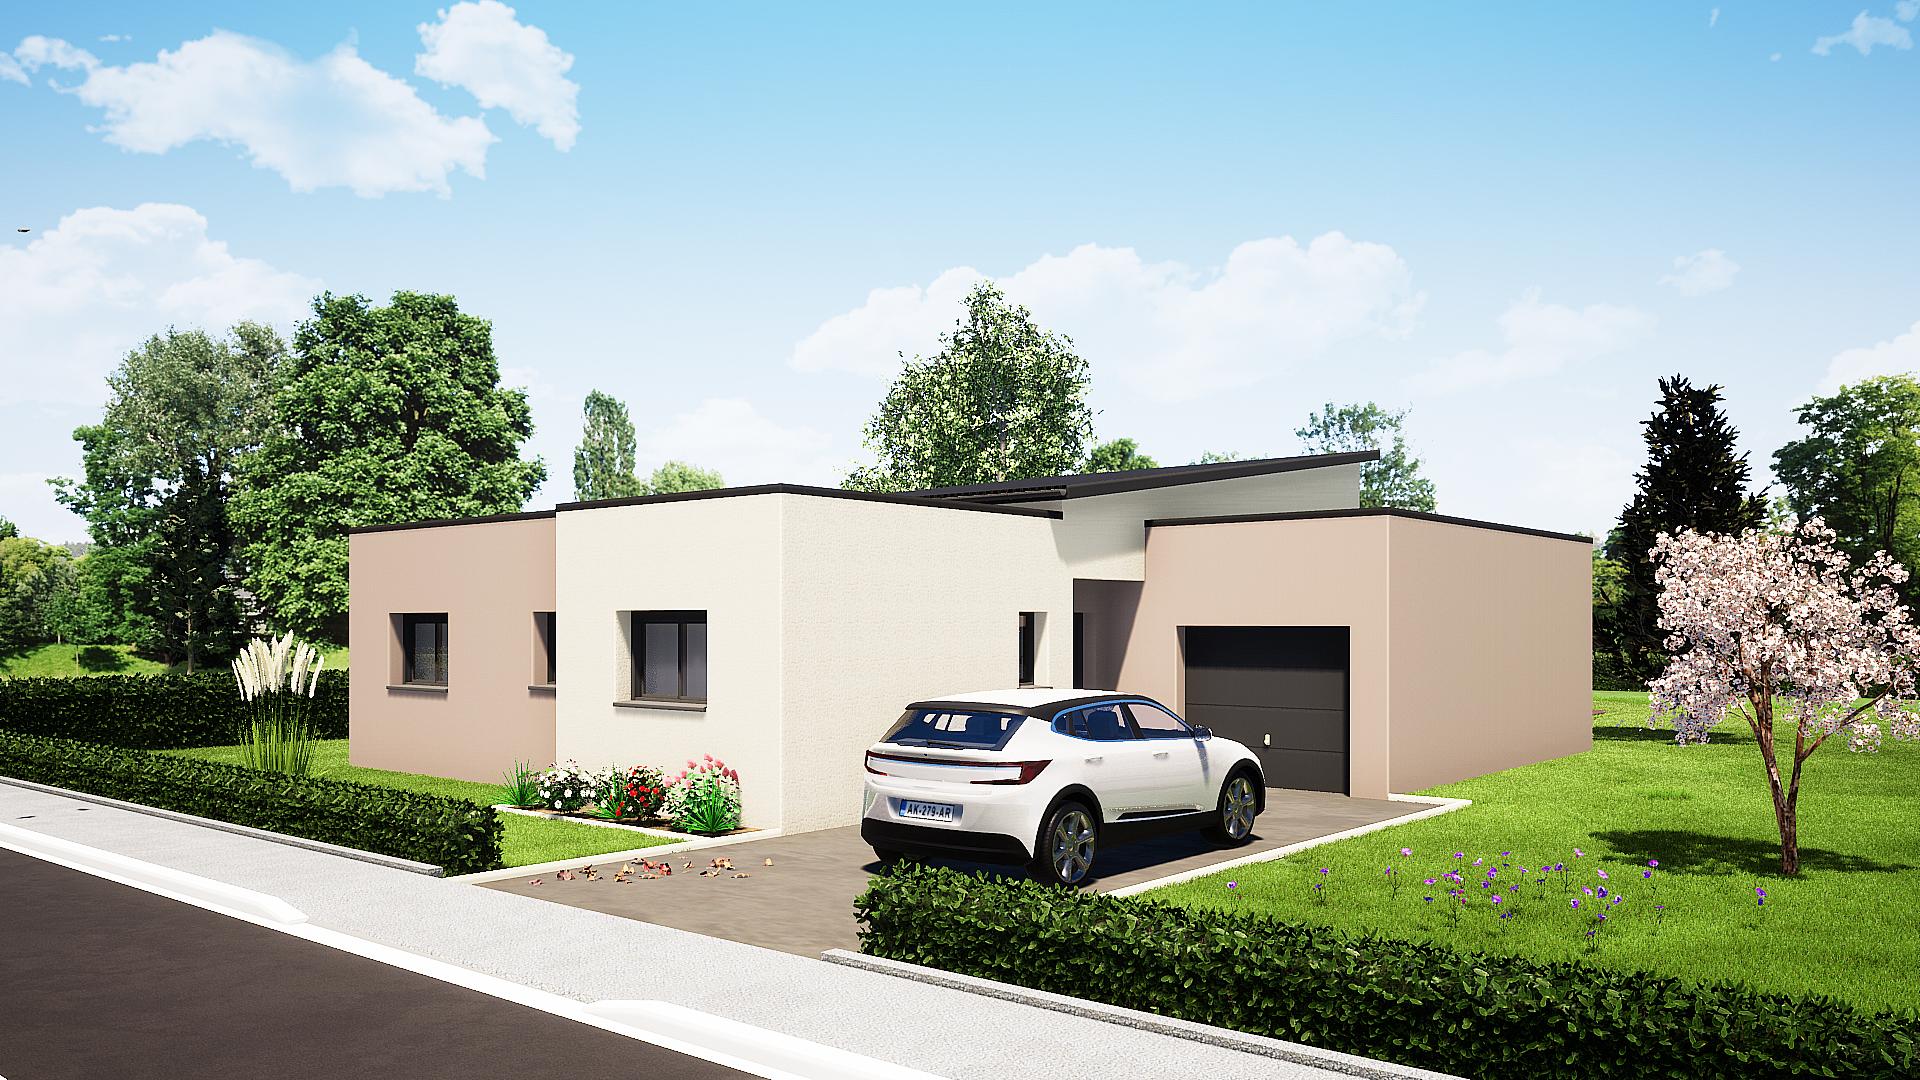 maison plain pied 3 chambres maison moderne maison contemporaine constructeur maisons lg en Sarthe Le Mans maison RE 2020 plans maison rez-de-chaussée avant